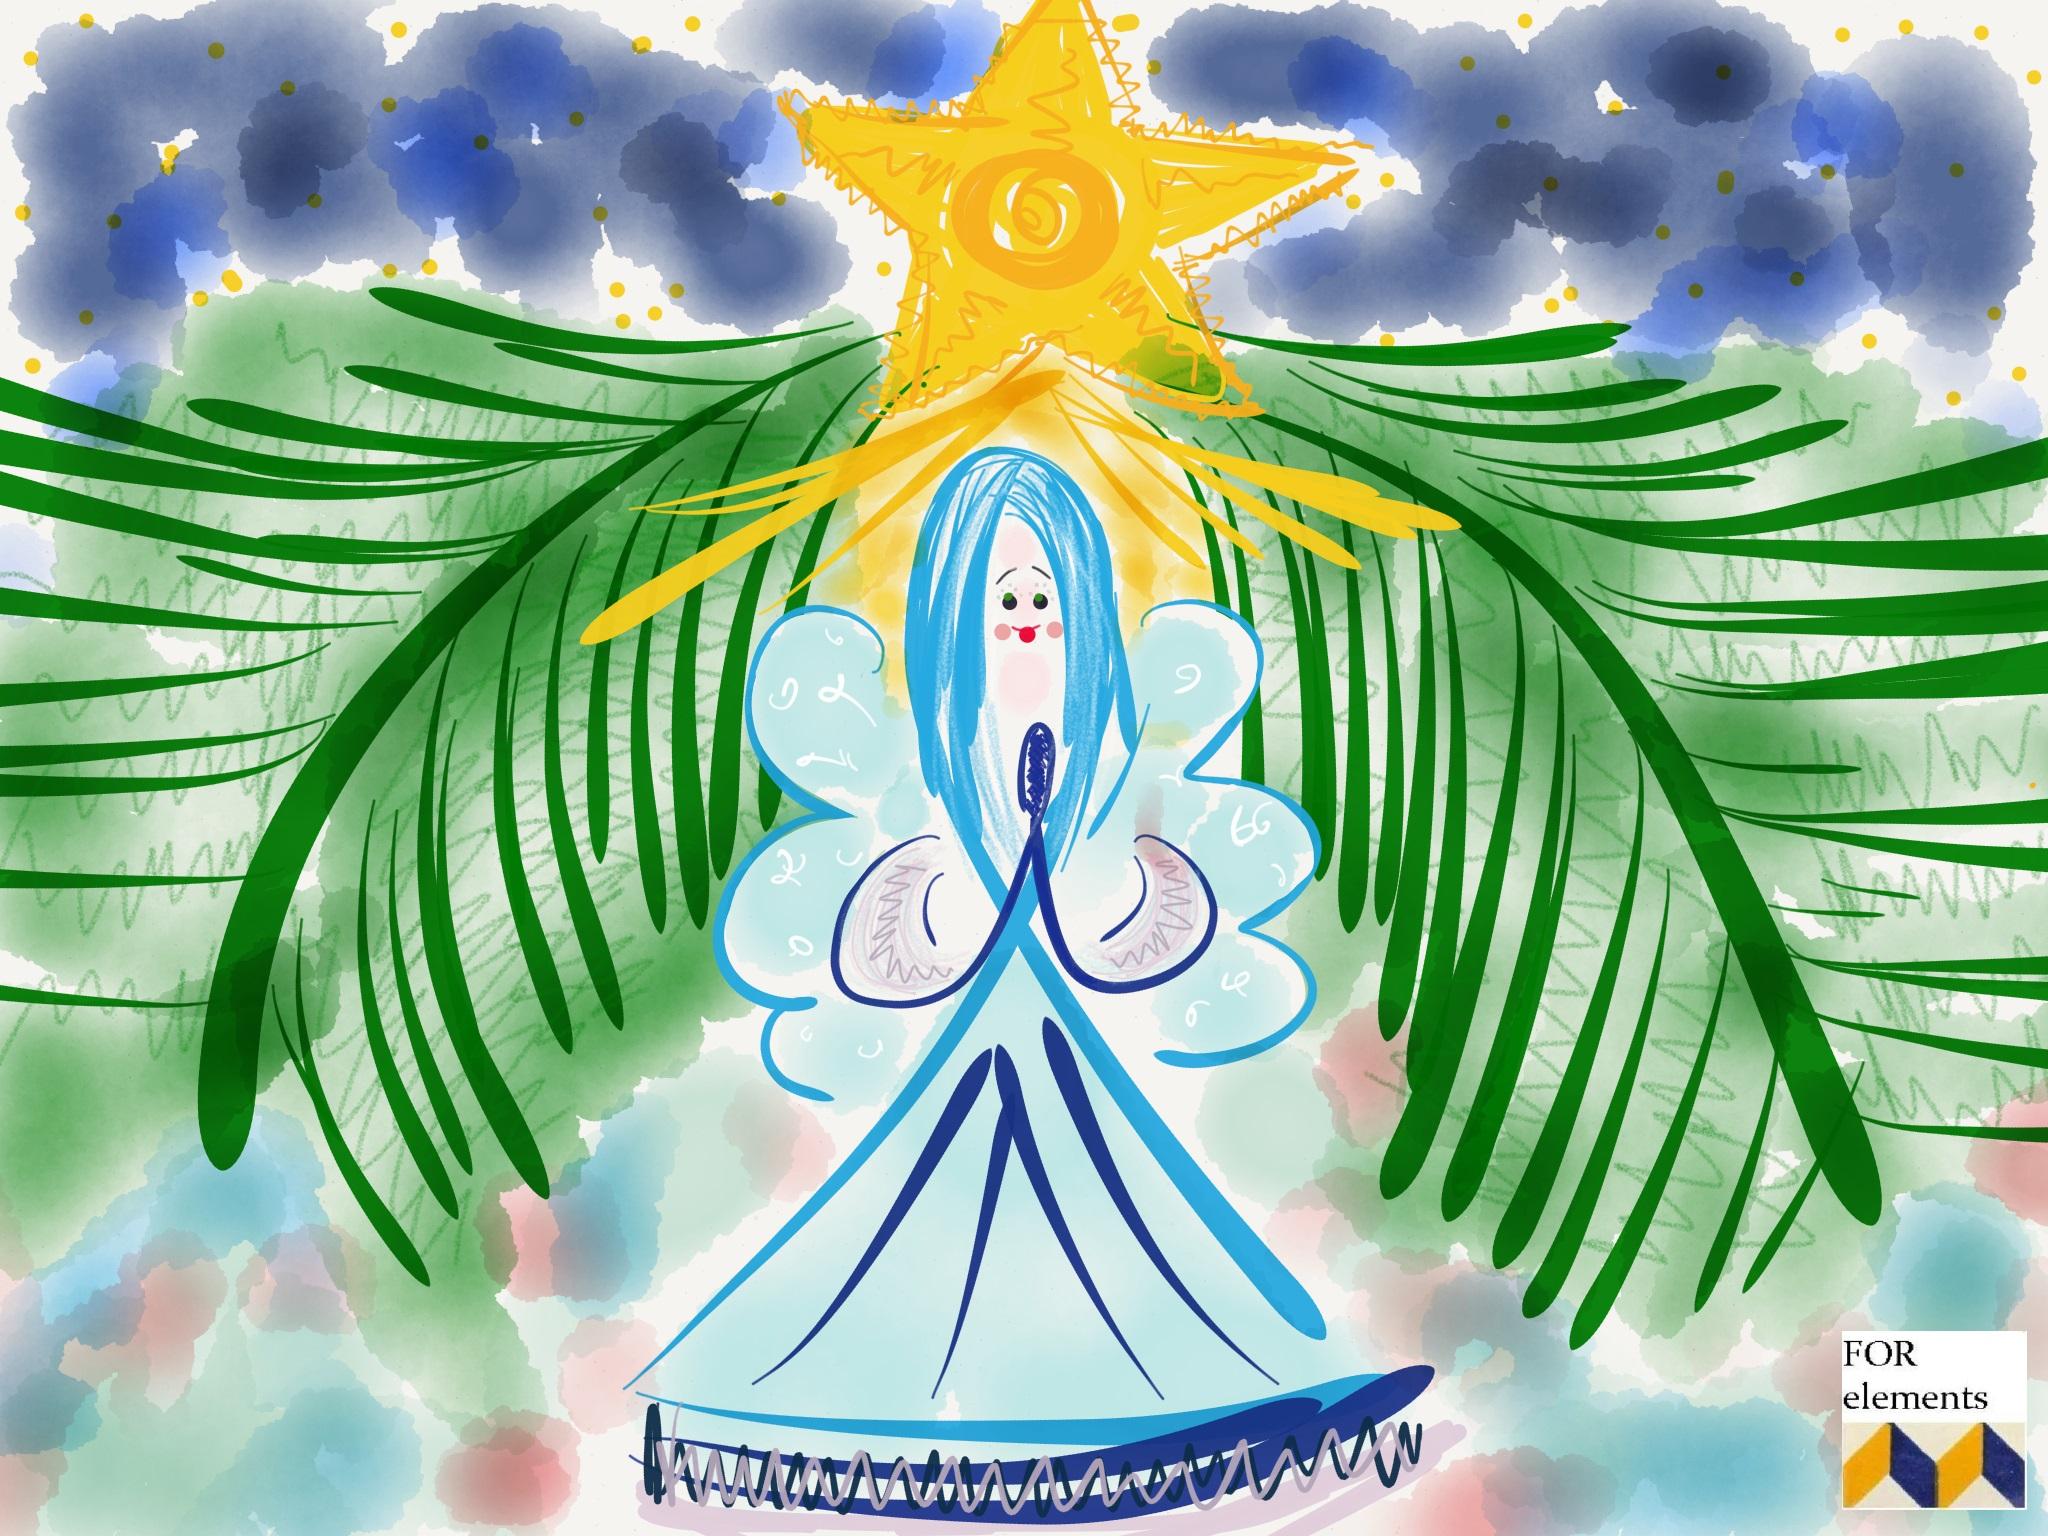 1 aniol swiety mikolaj choinka wigilia kartka swiateczna zyczenia na boze narodzenie xmas handmade postcard christmas wishes home decor interior design ozdoby na swieta projektowanie